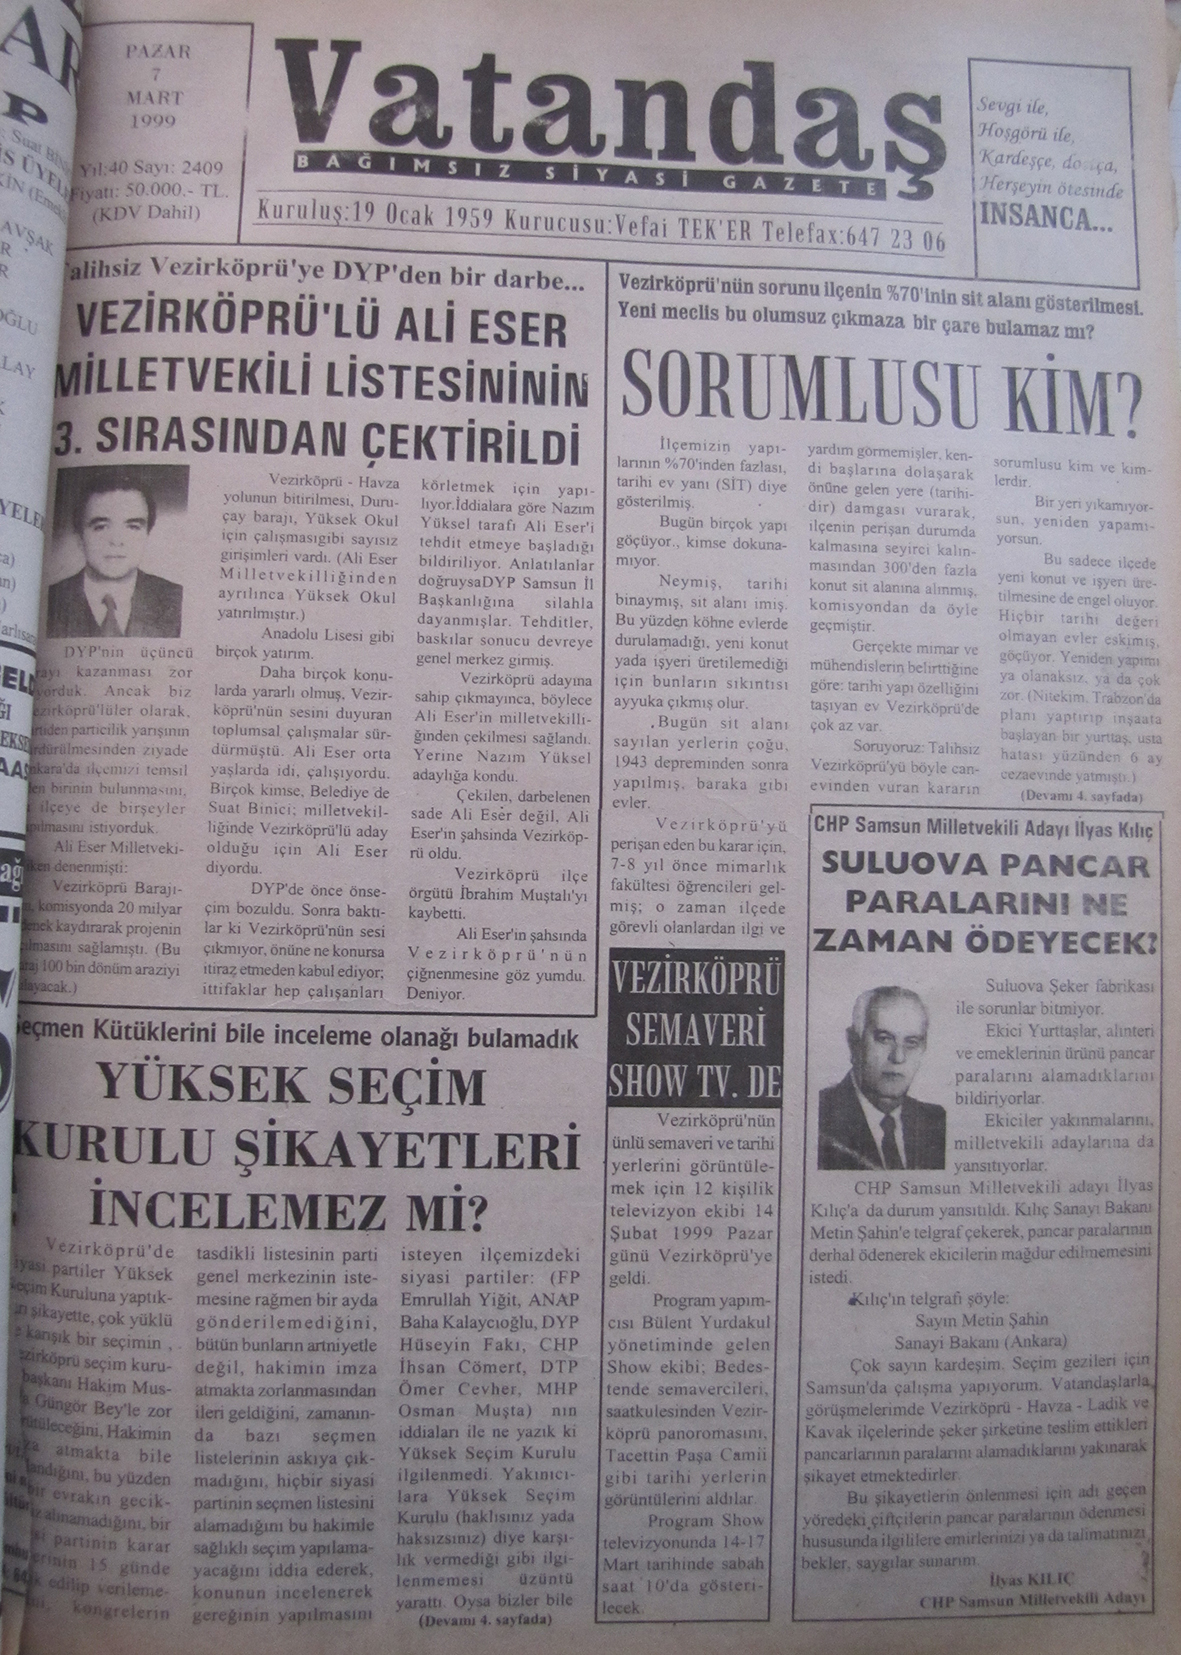 Talihsiz Vezirköprü'ye DYP'den bir darbe.. Vezirköprü'lü Ali Eser Milletvekili Listesinin 3.Sırasından Çektirildi 7 Mart 1999  Pazar